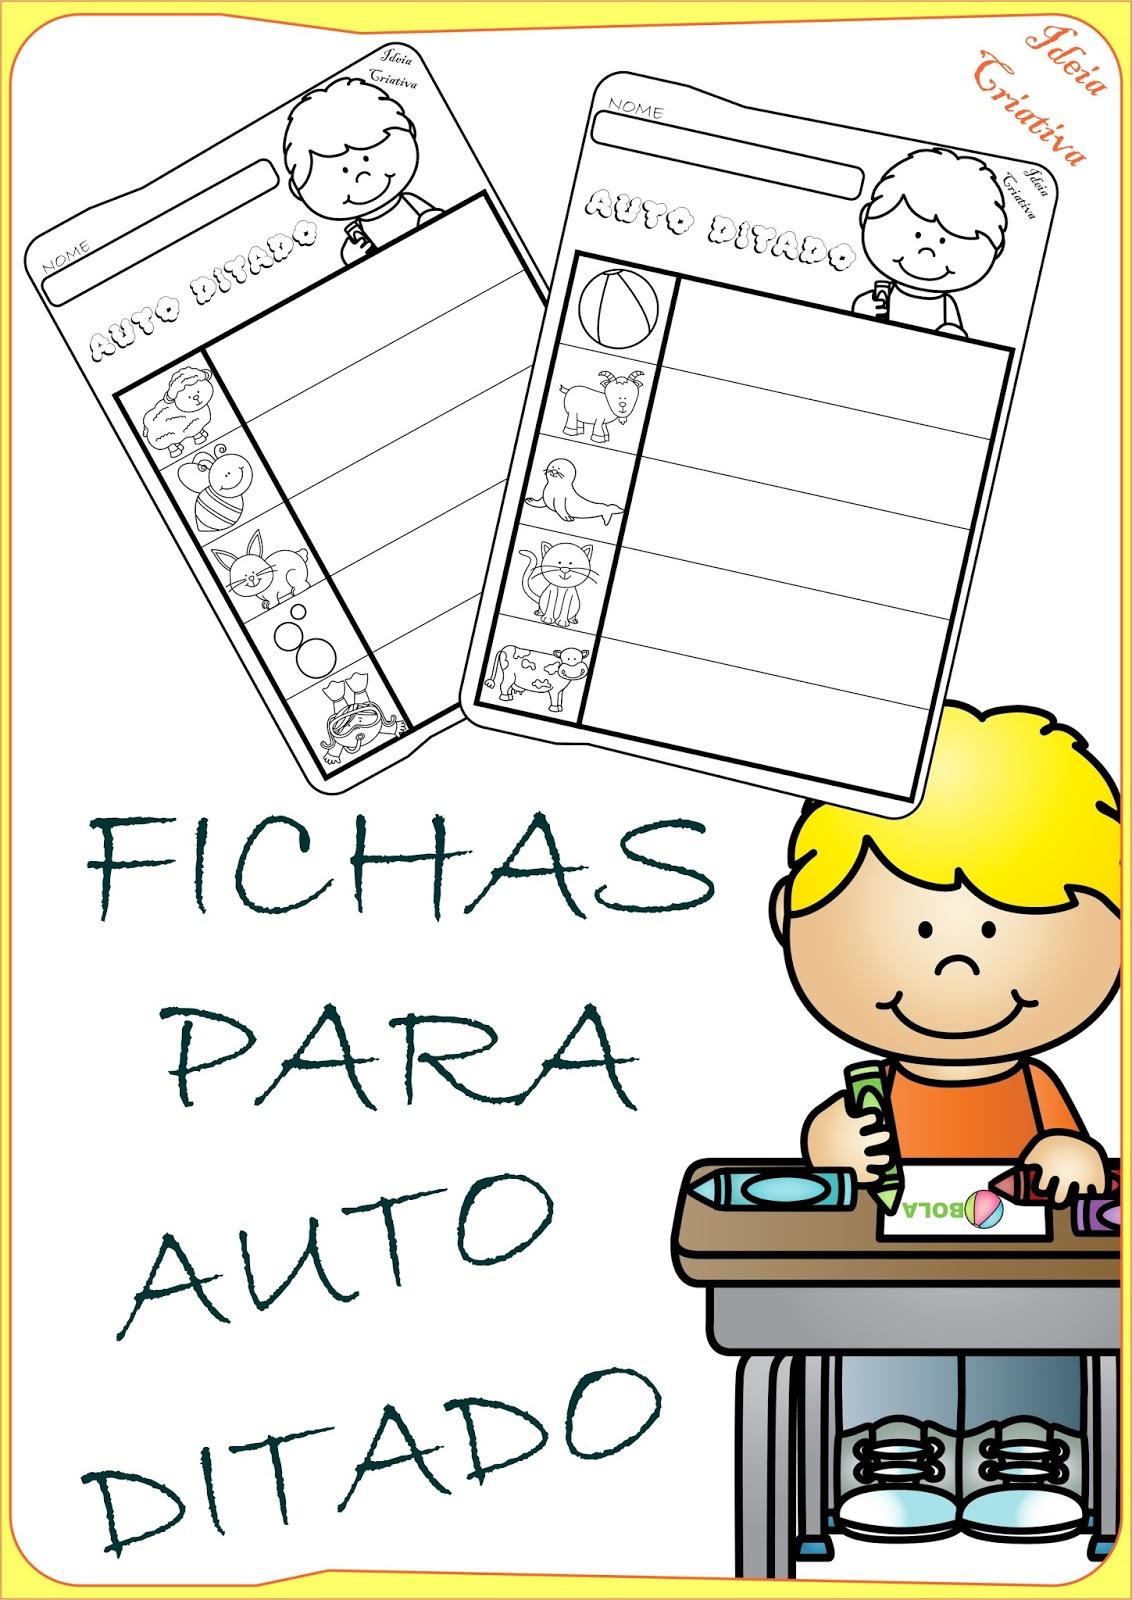 Fichas Ilustradas para Auto Ditado Sílabas Simples e Complexas